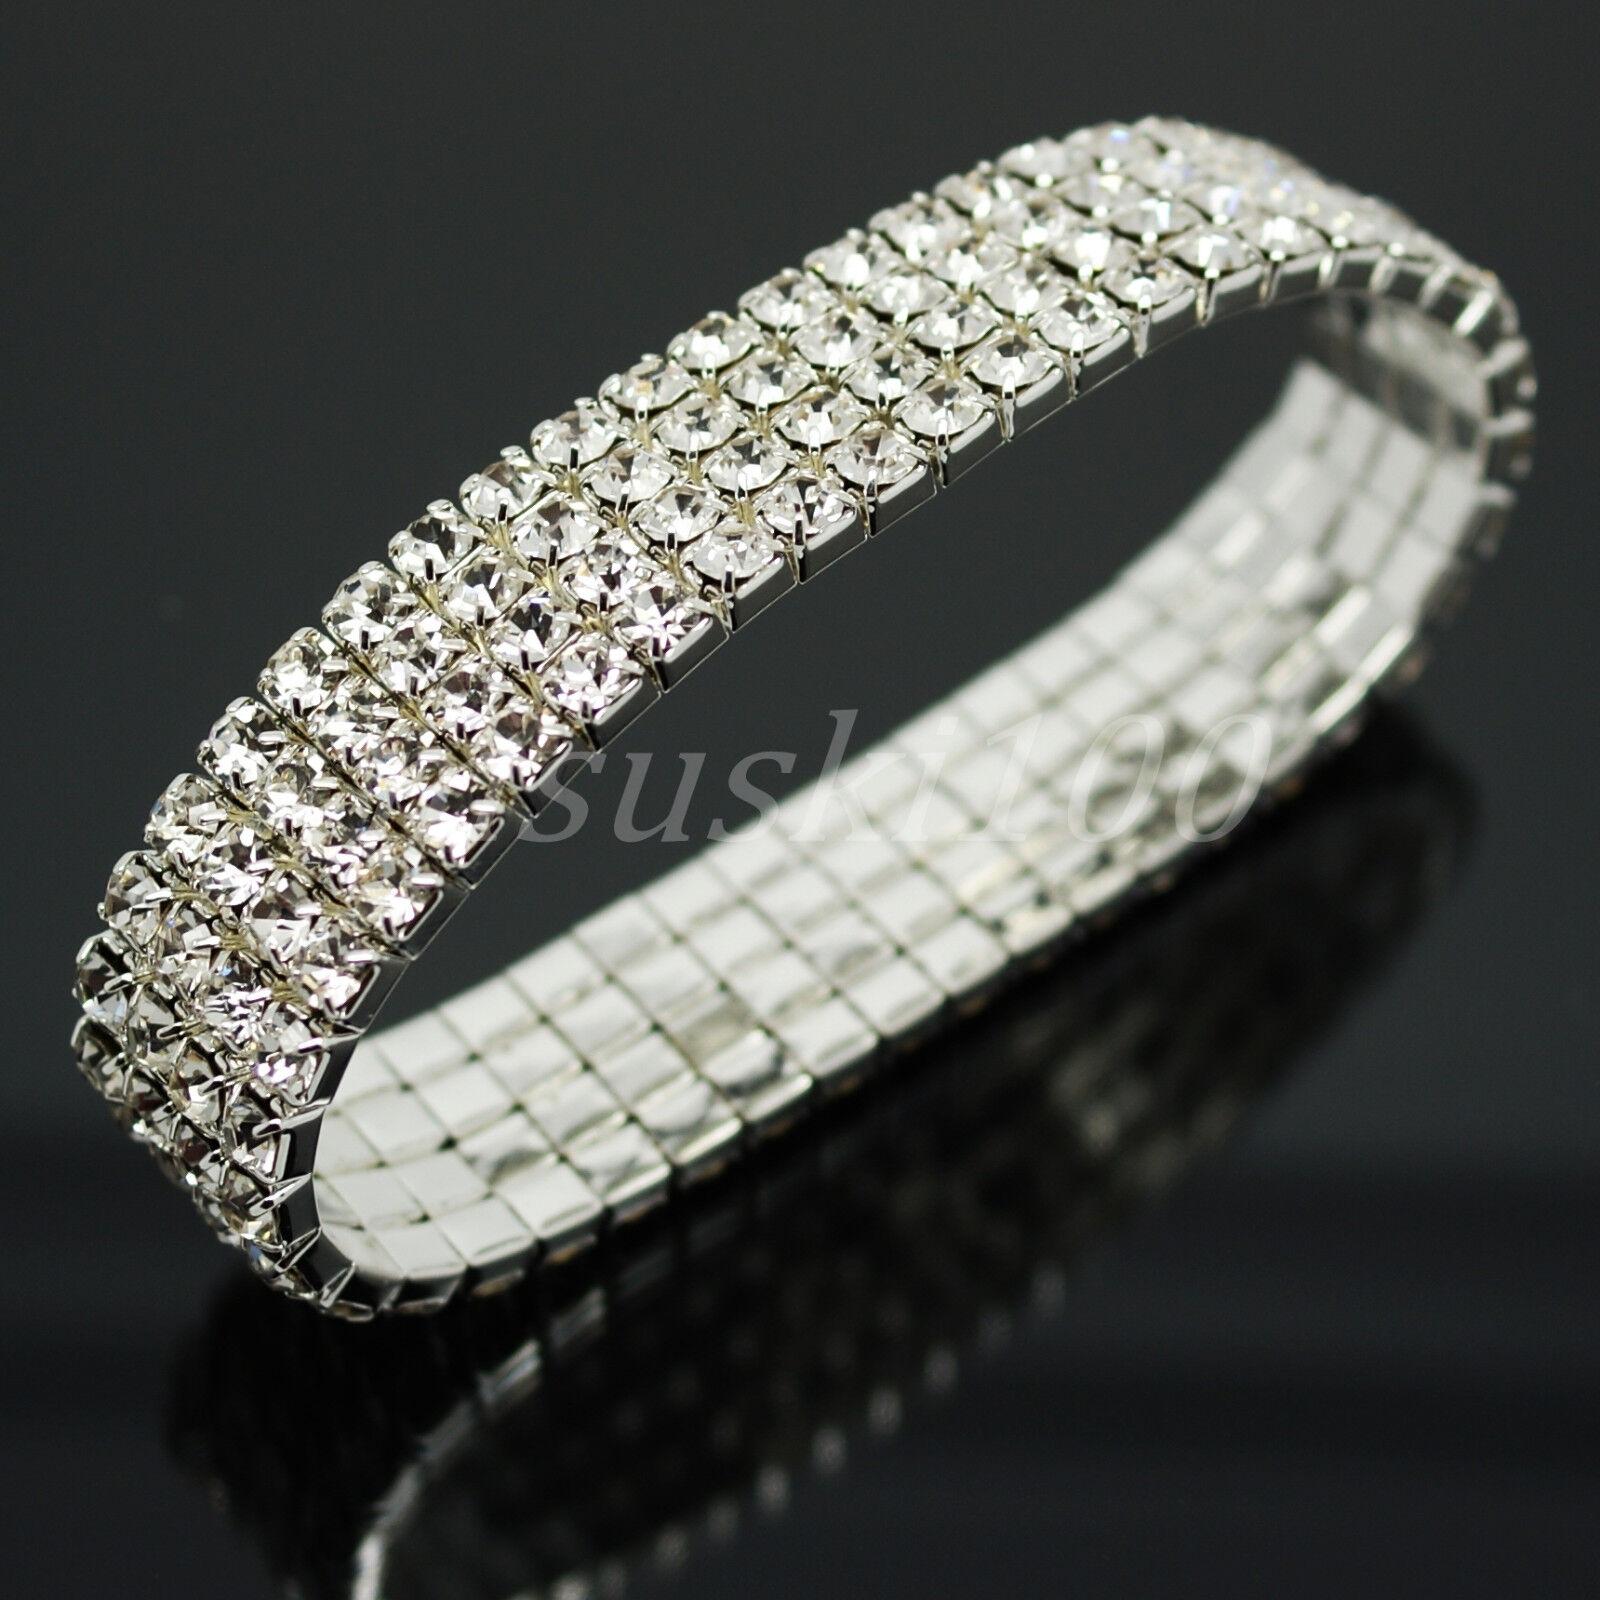 9dc1a1f6aab7 Detalles de Diamante Pulsera Cristal Pedrería Elástico Pulsera 44 Destello  Gemas en Uno Fila